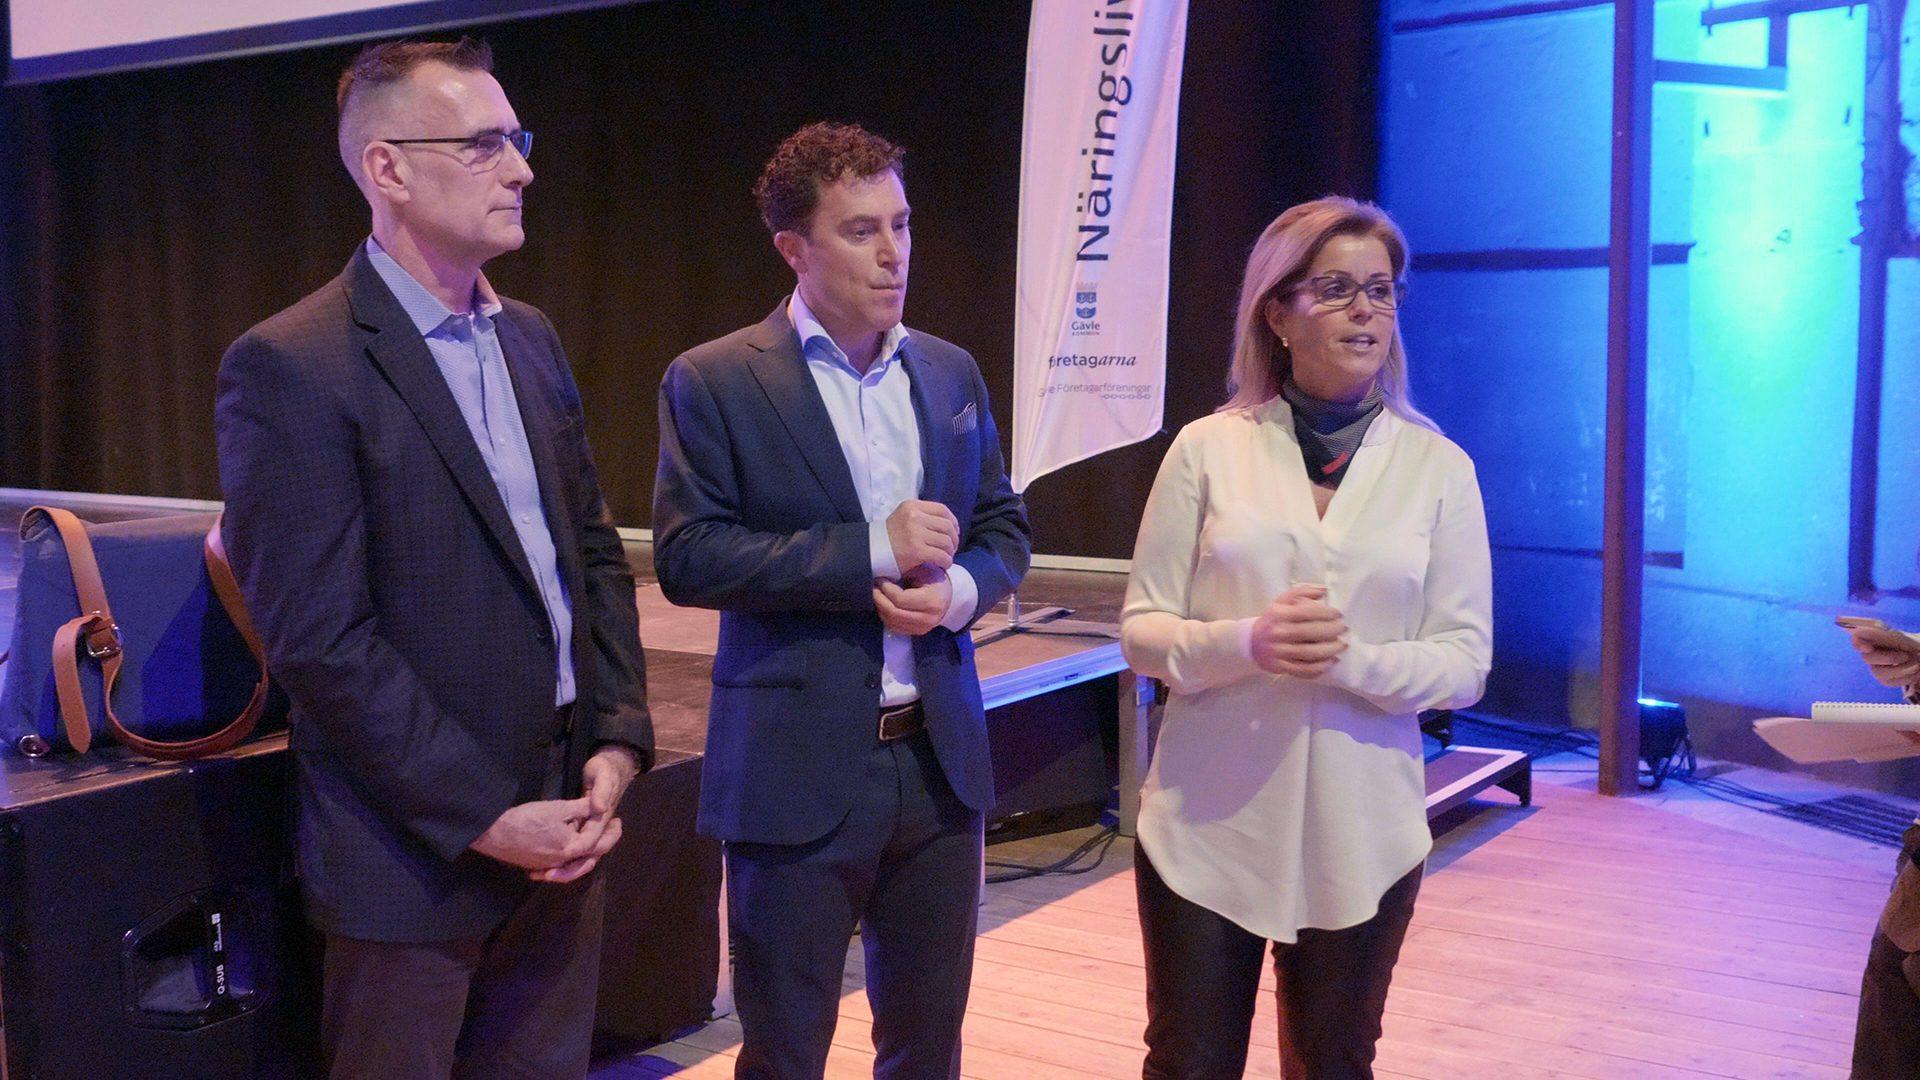 Representanter från Microsoft tillsammans med Åsa Wiklund Lång